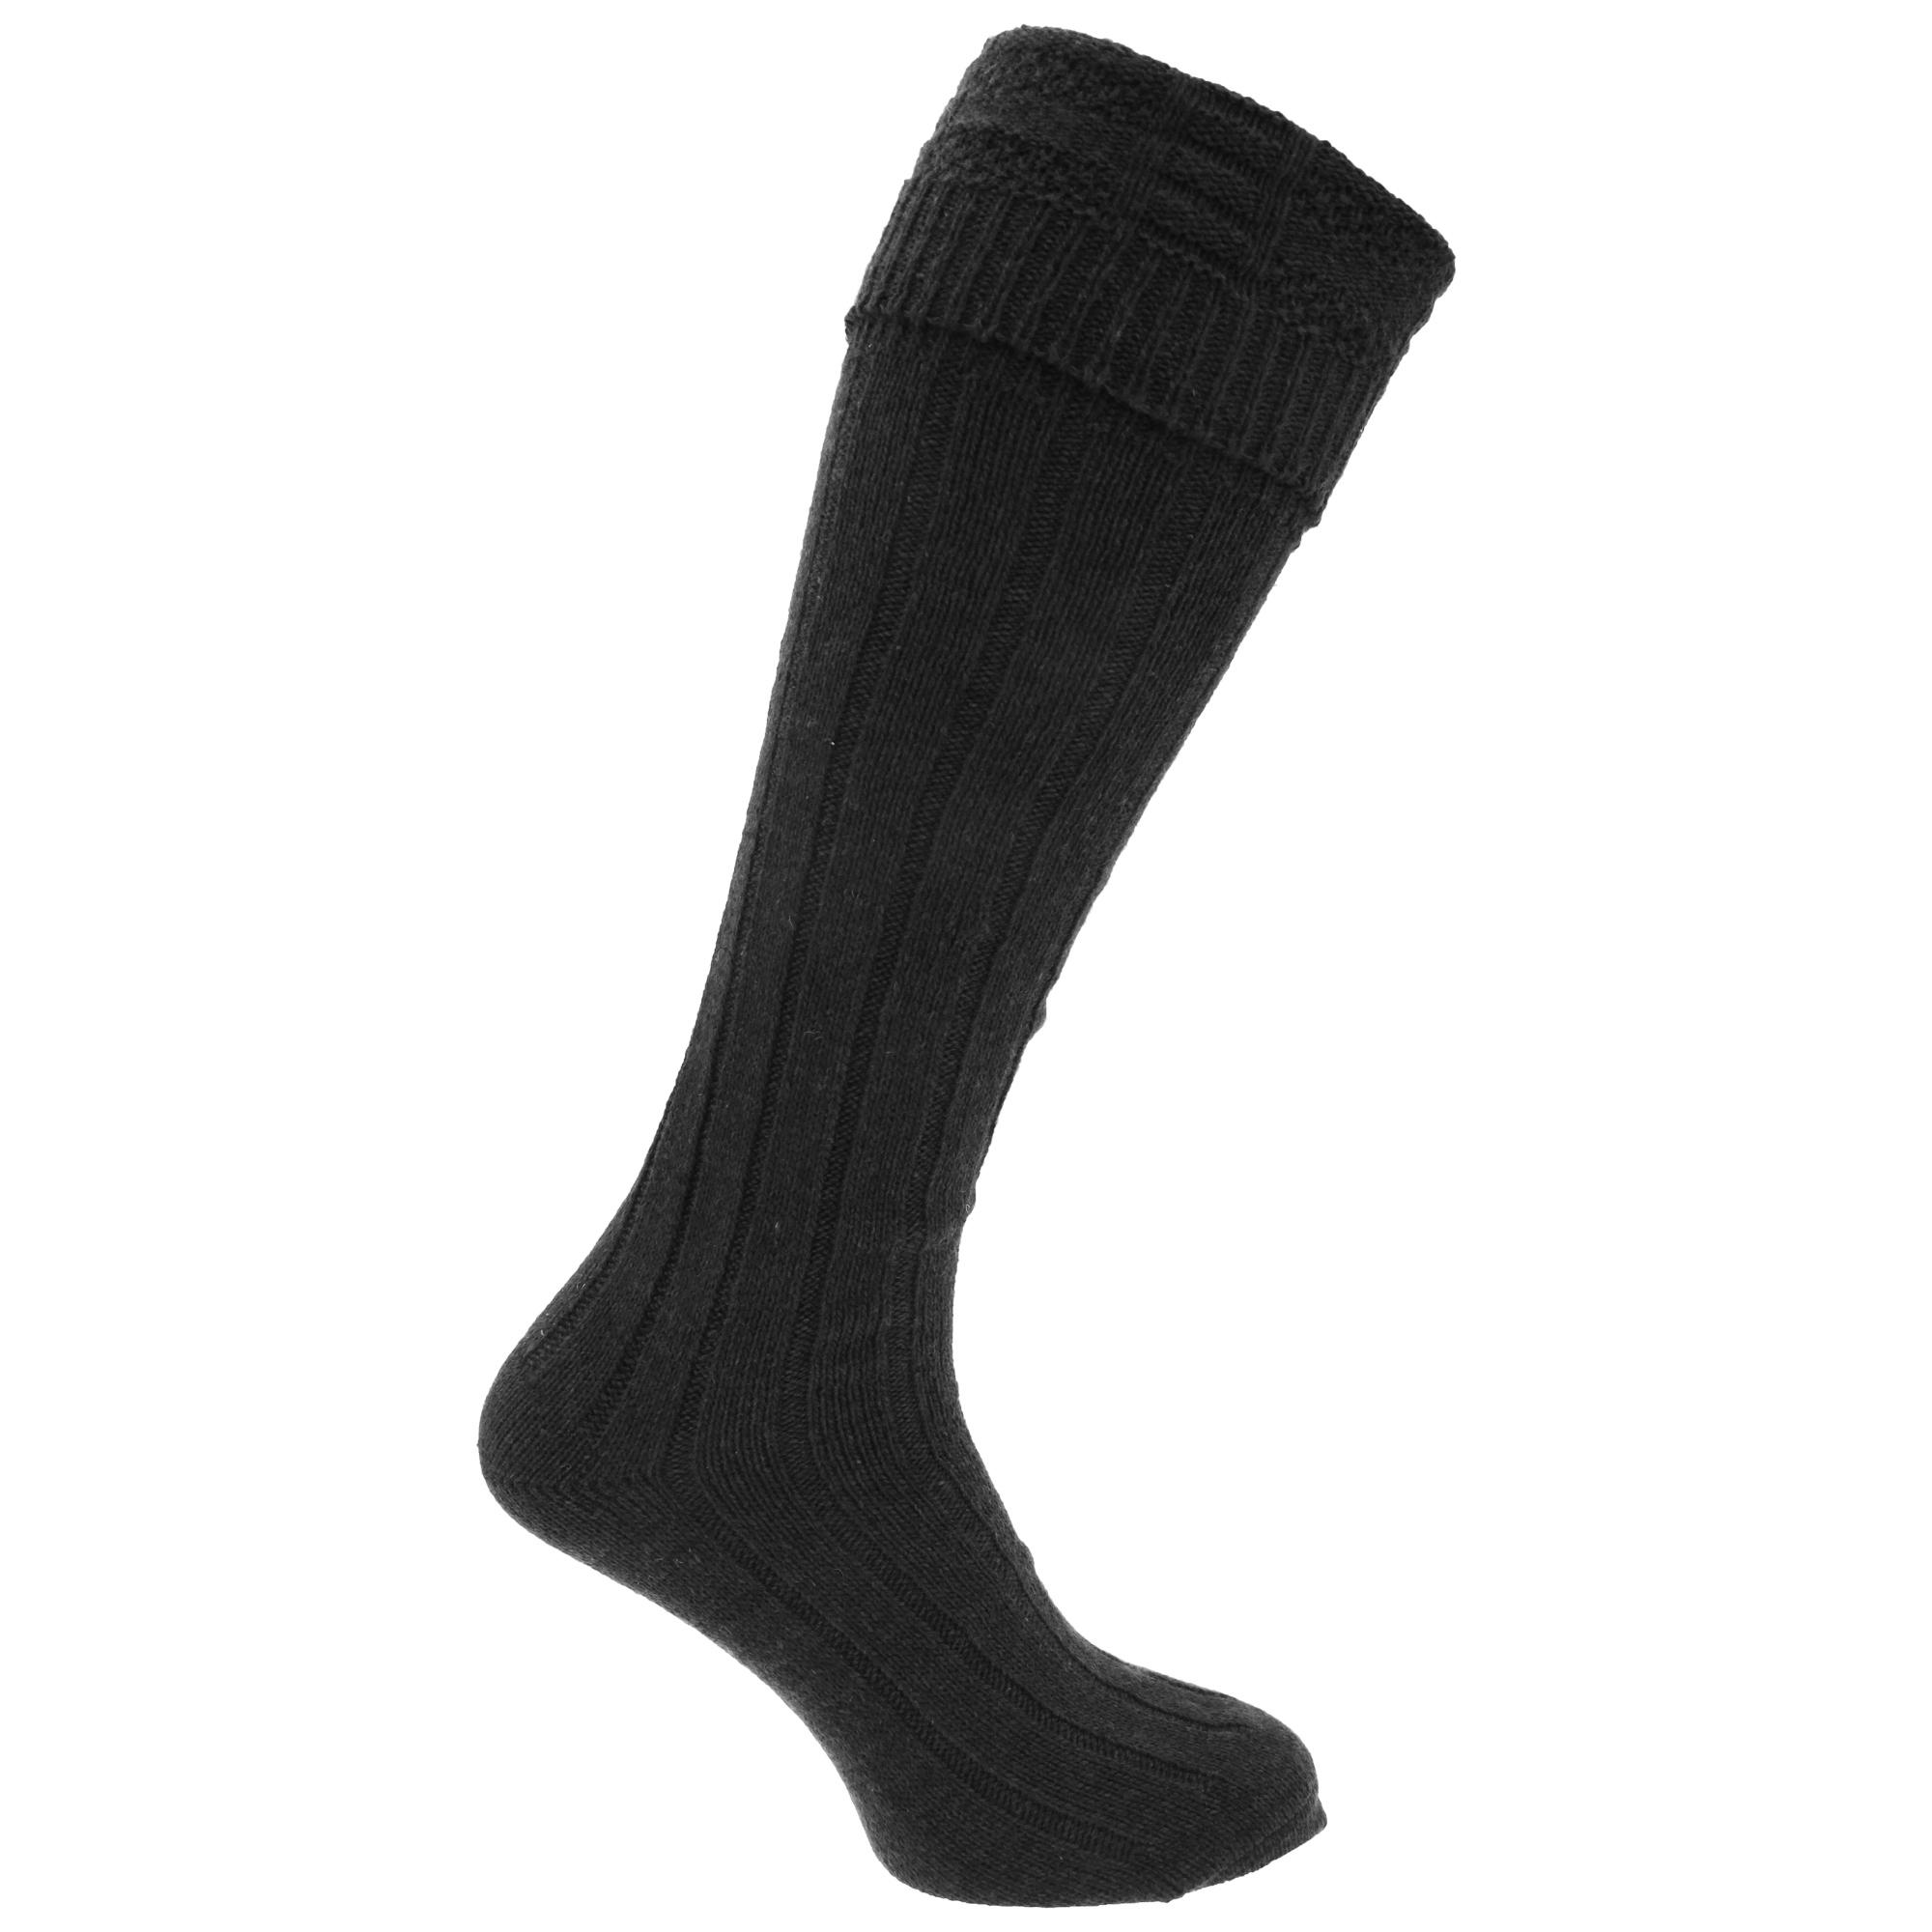 Mens Scottish Highland Wear Wool Kilt Hose Socks (1 Pair) (6-11 UK, 39-45 EU) (Black)